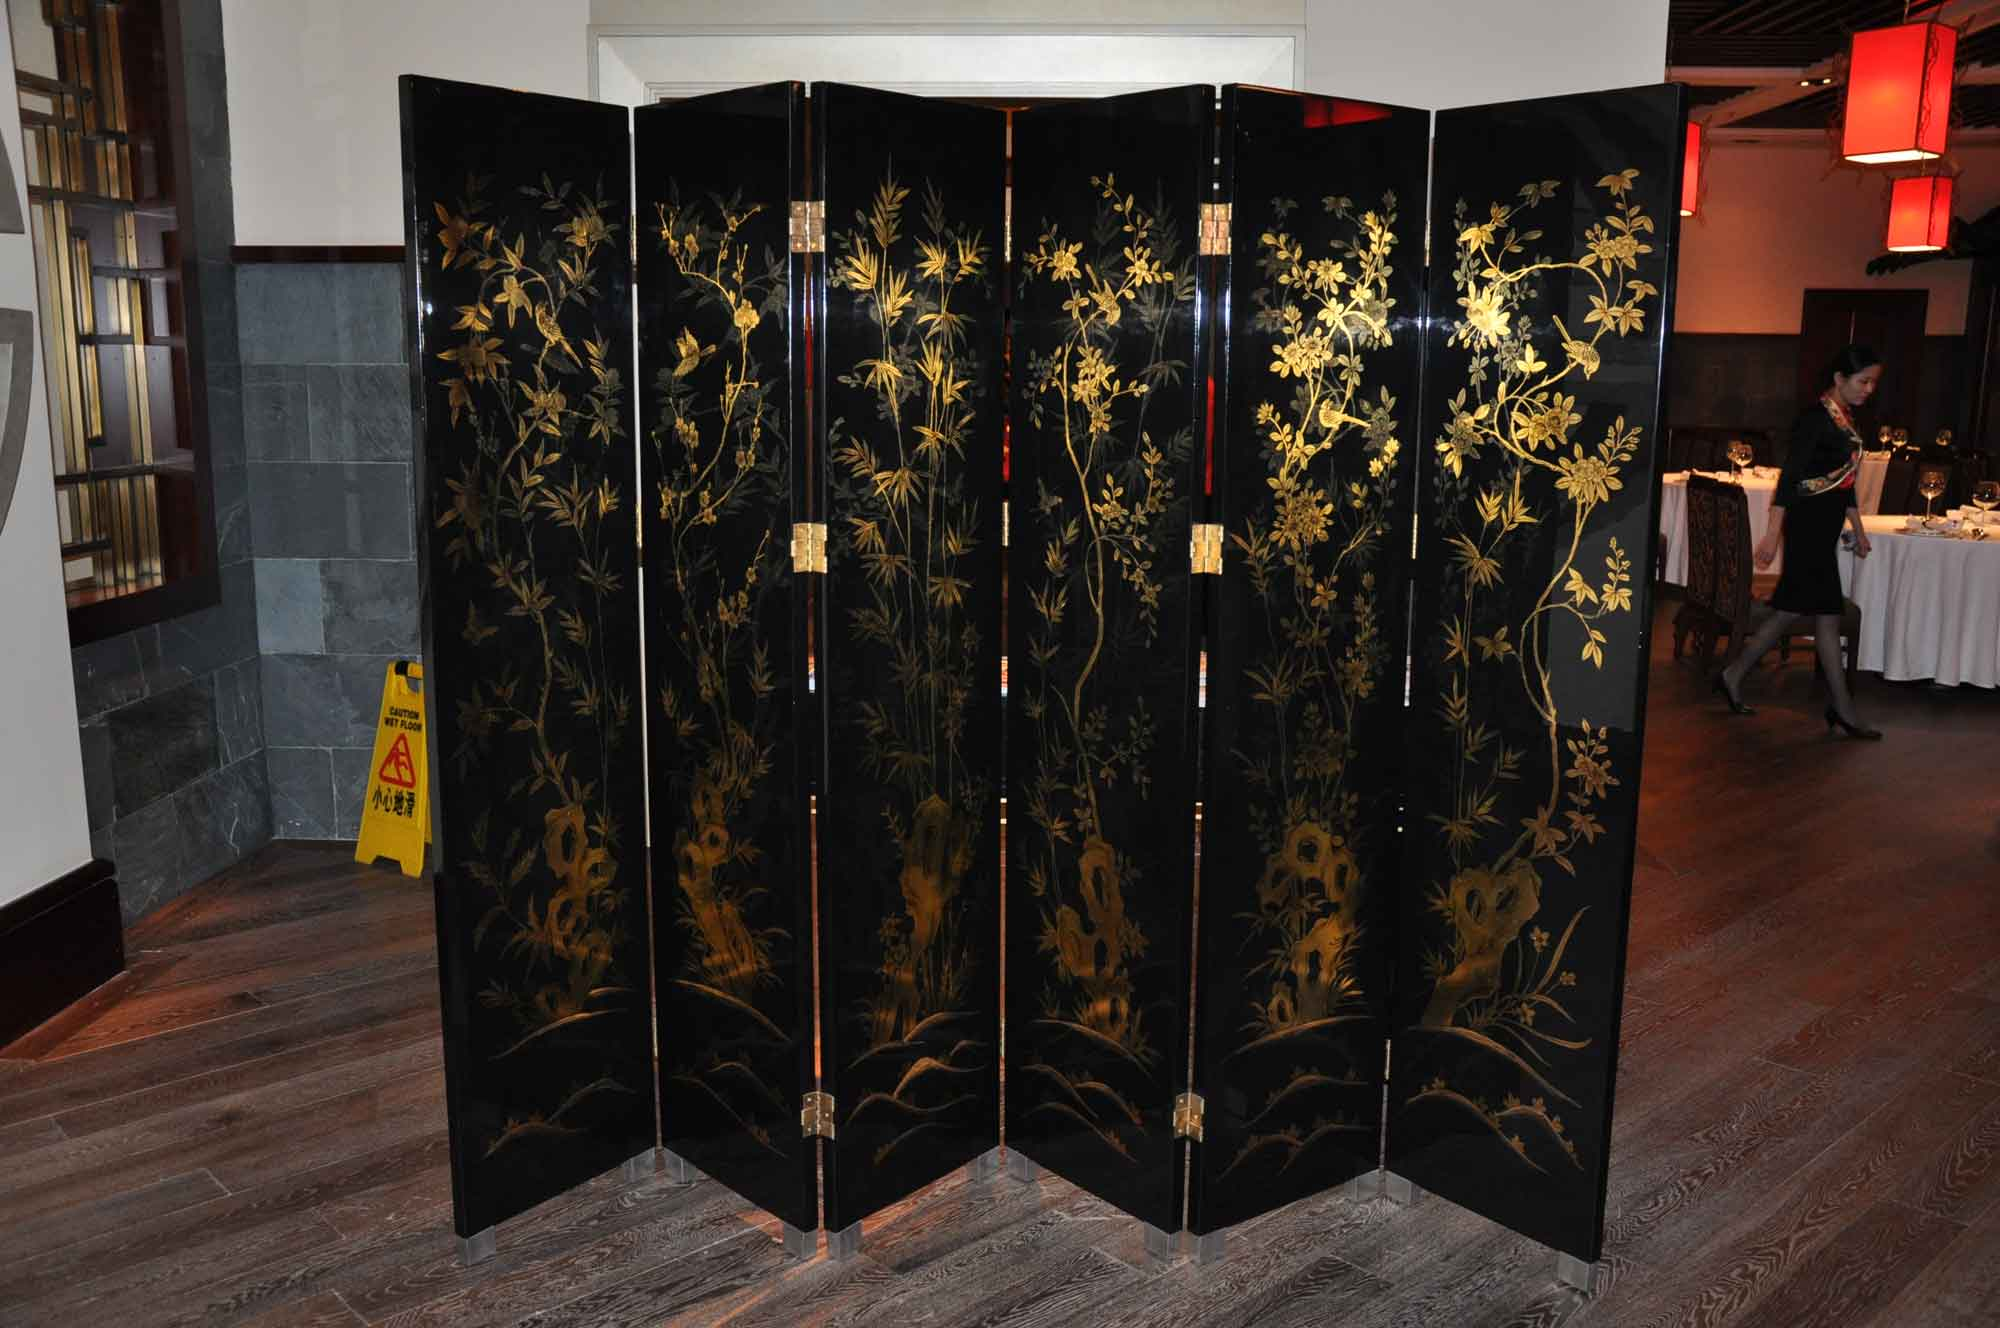 Dynasty 8 Macau ping feng